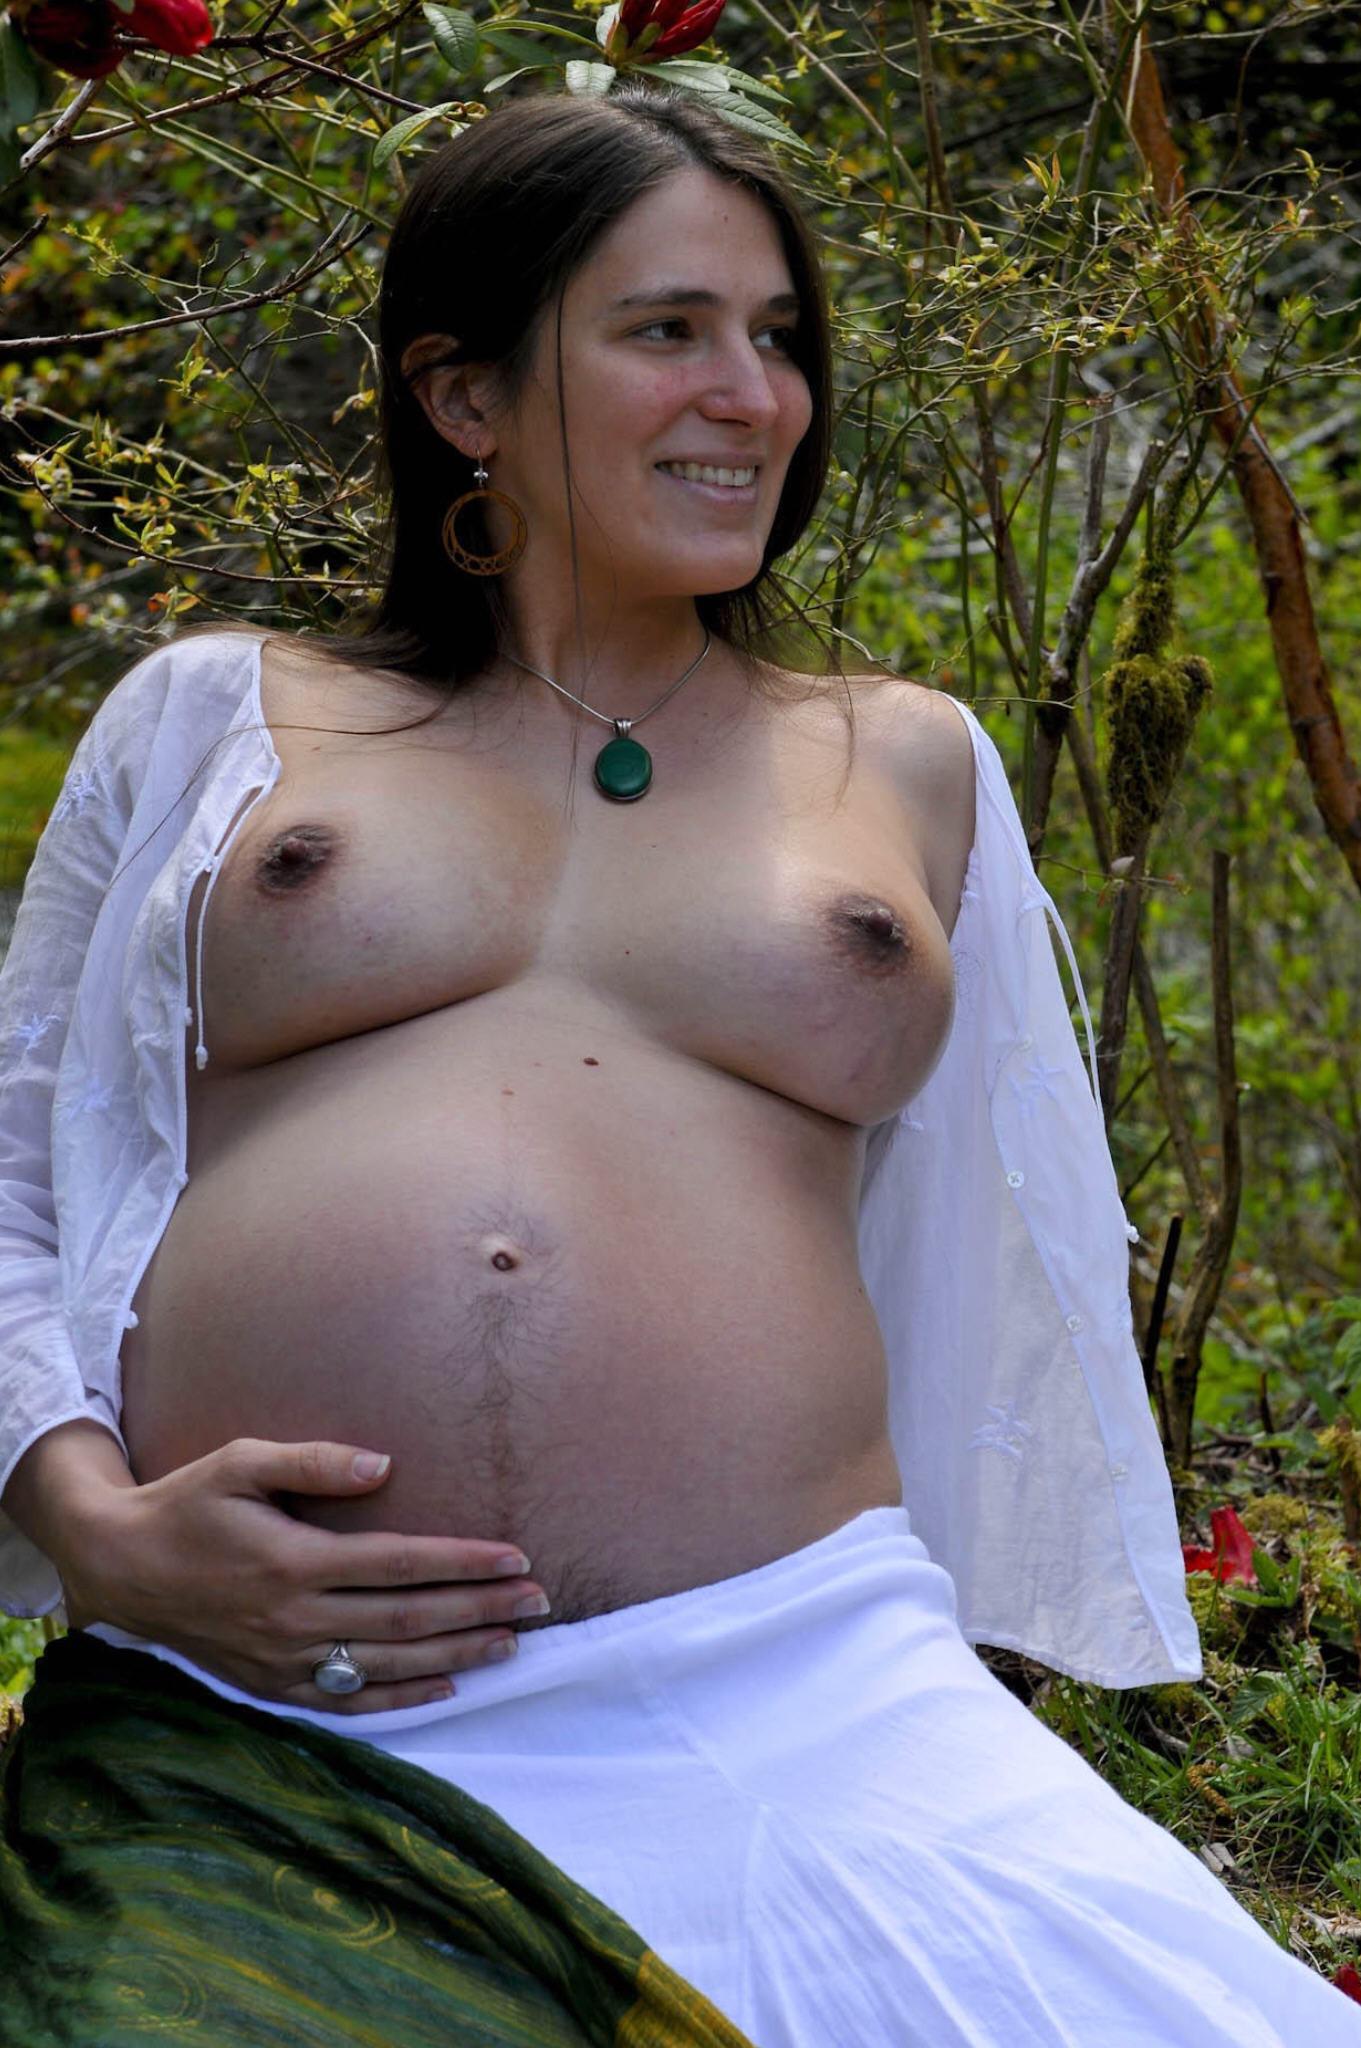 Hairy Pregnant Pics